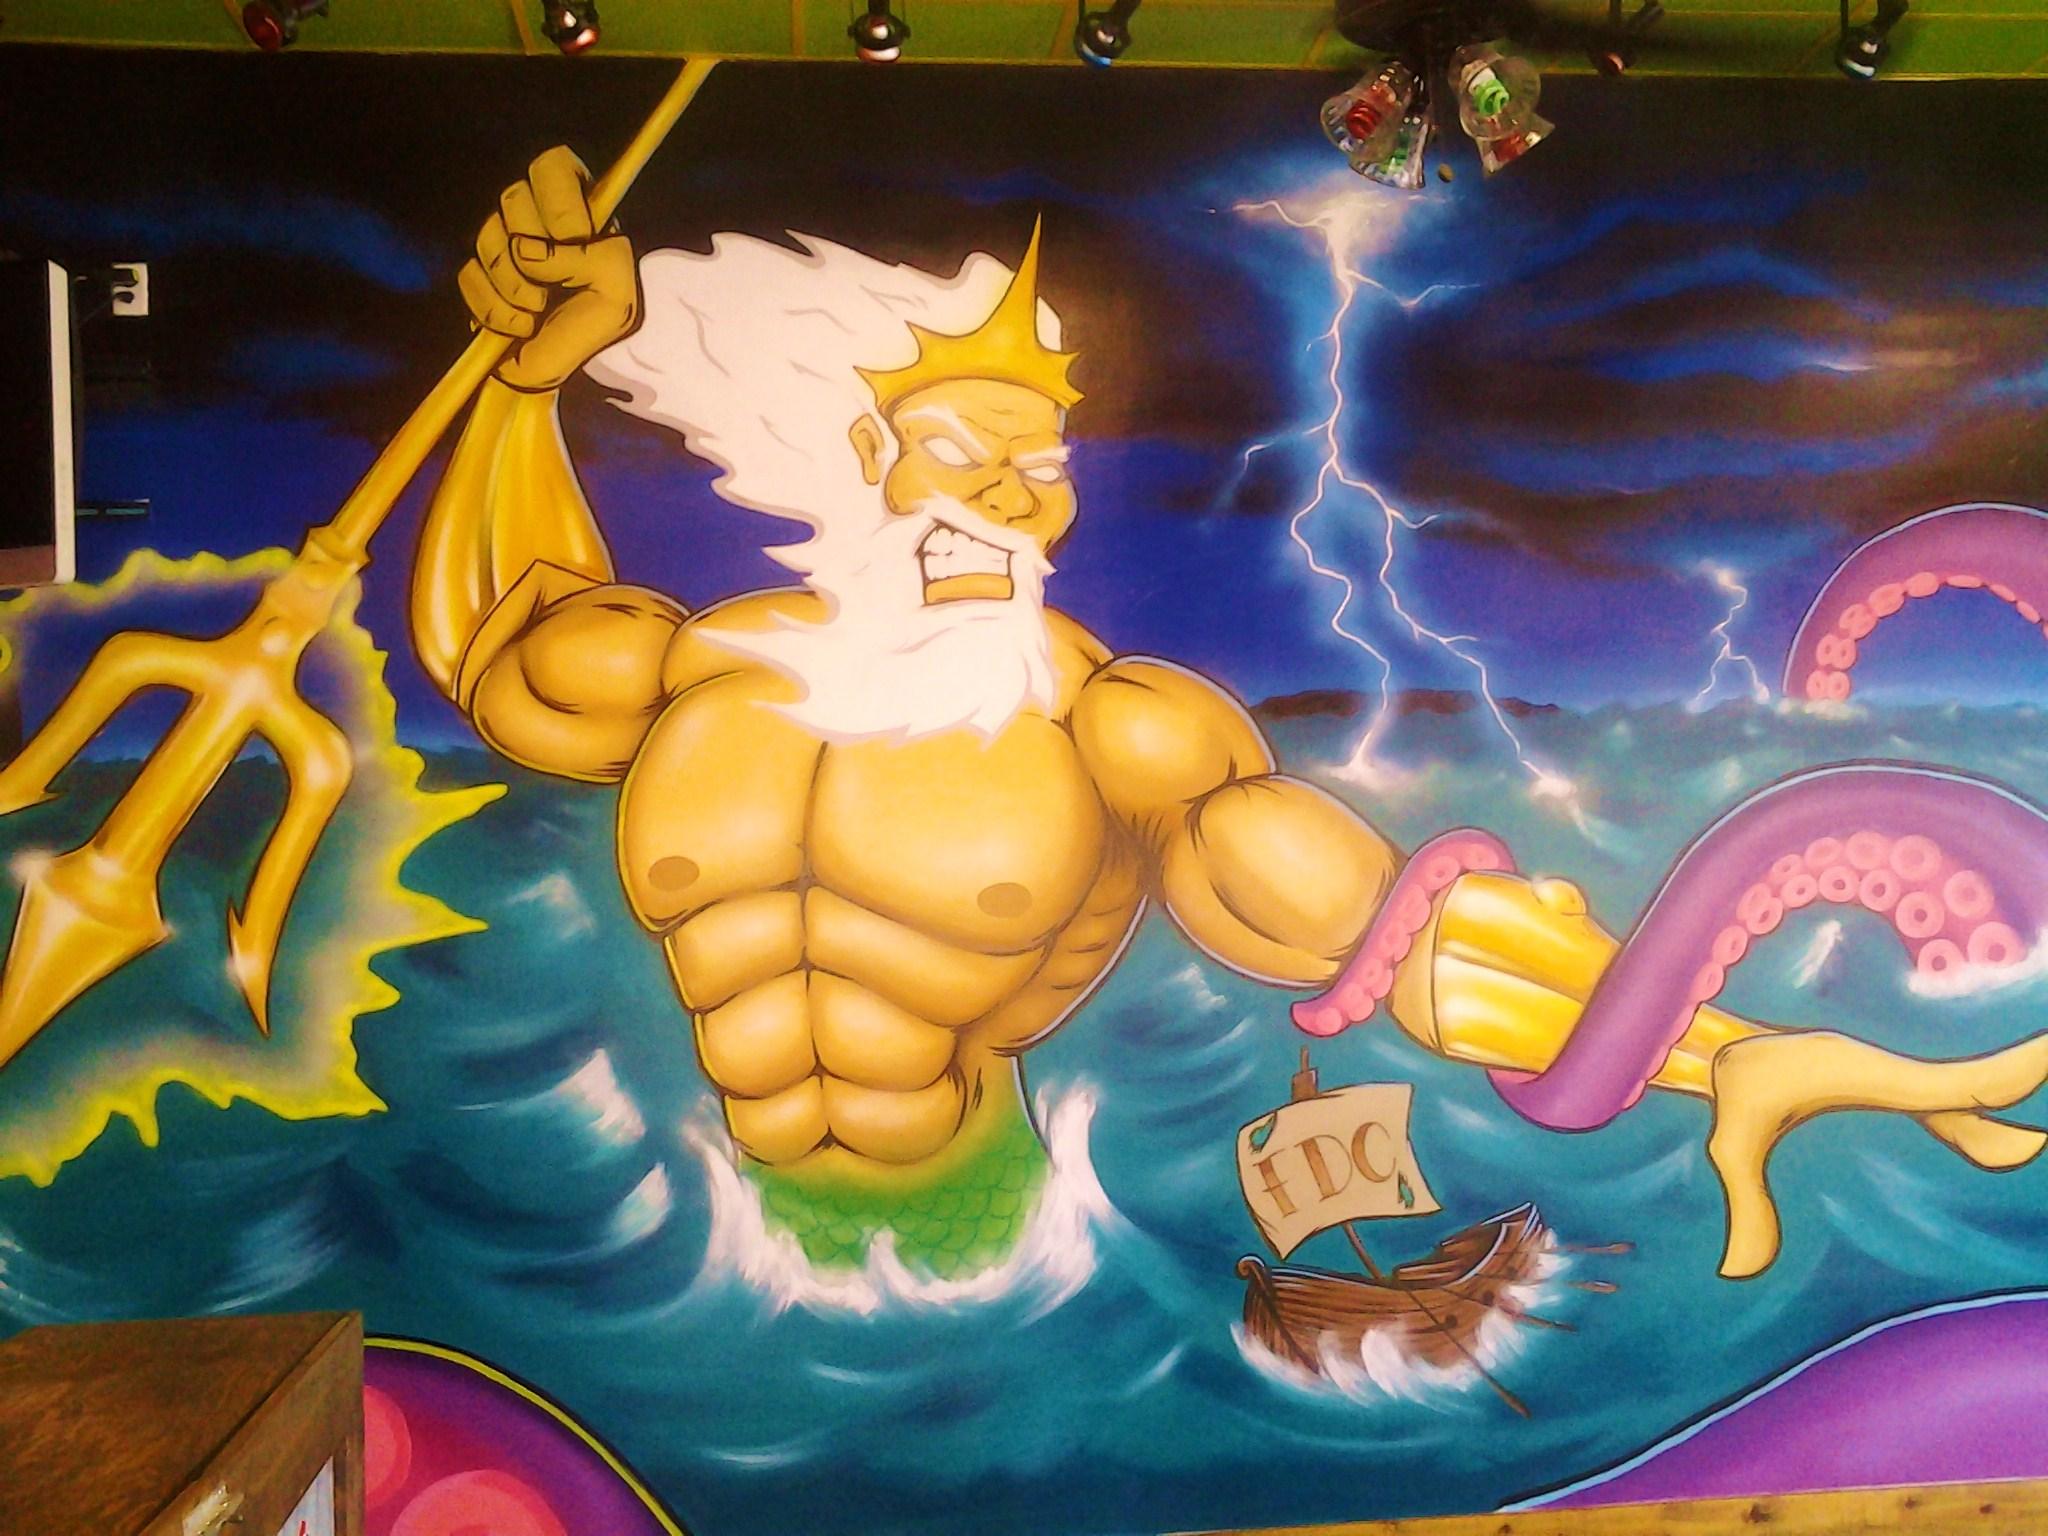 poseidon vs the kraken - photo #9